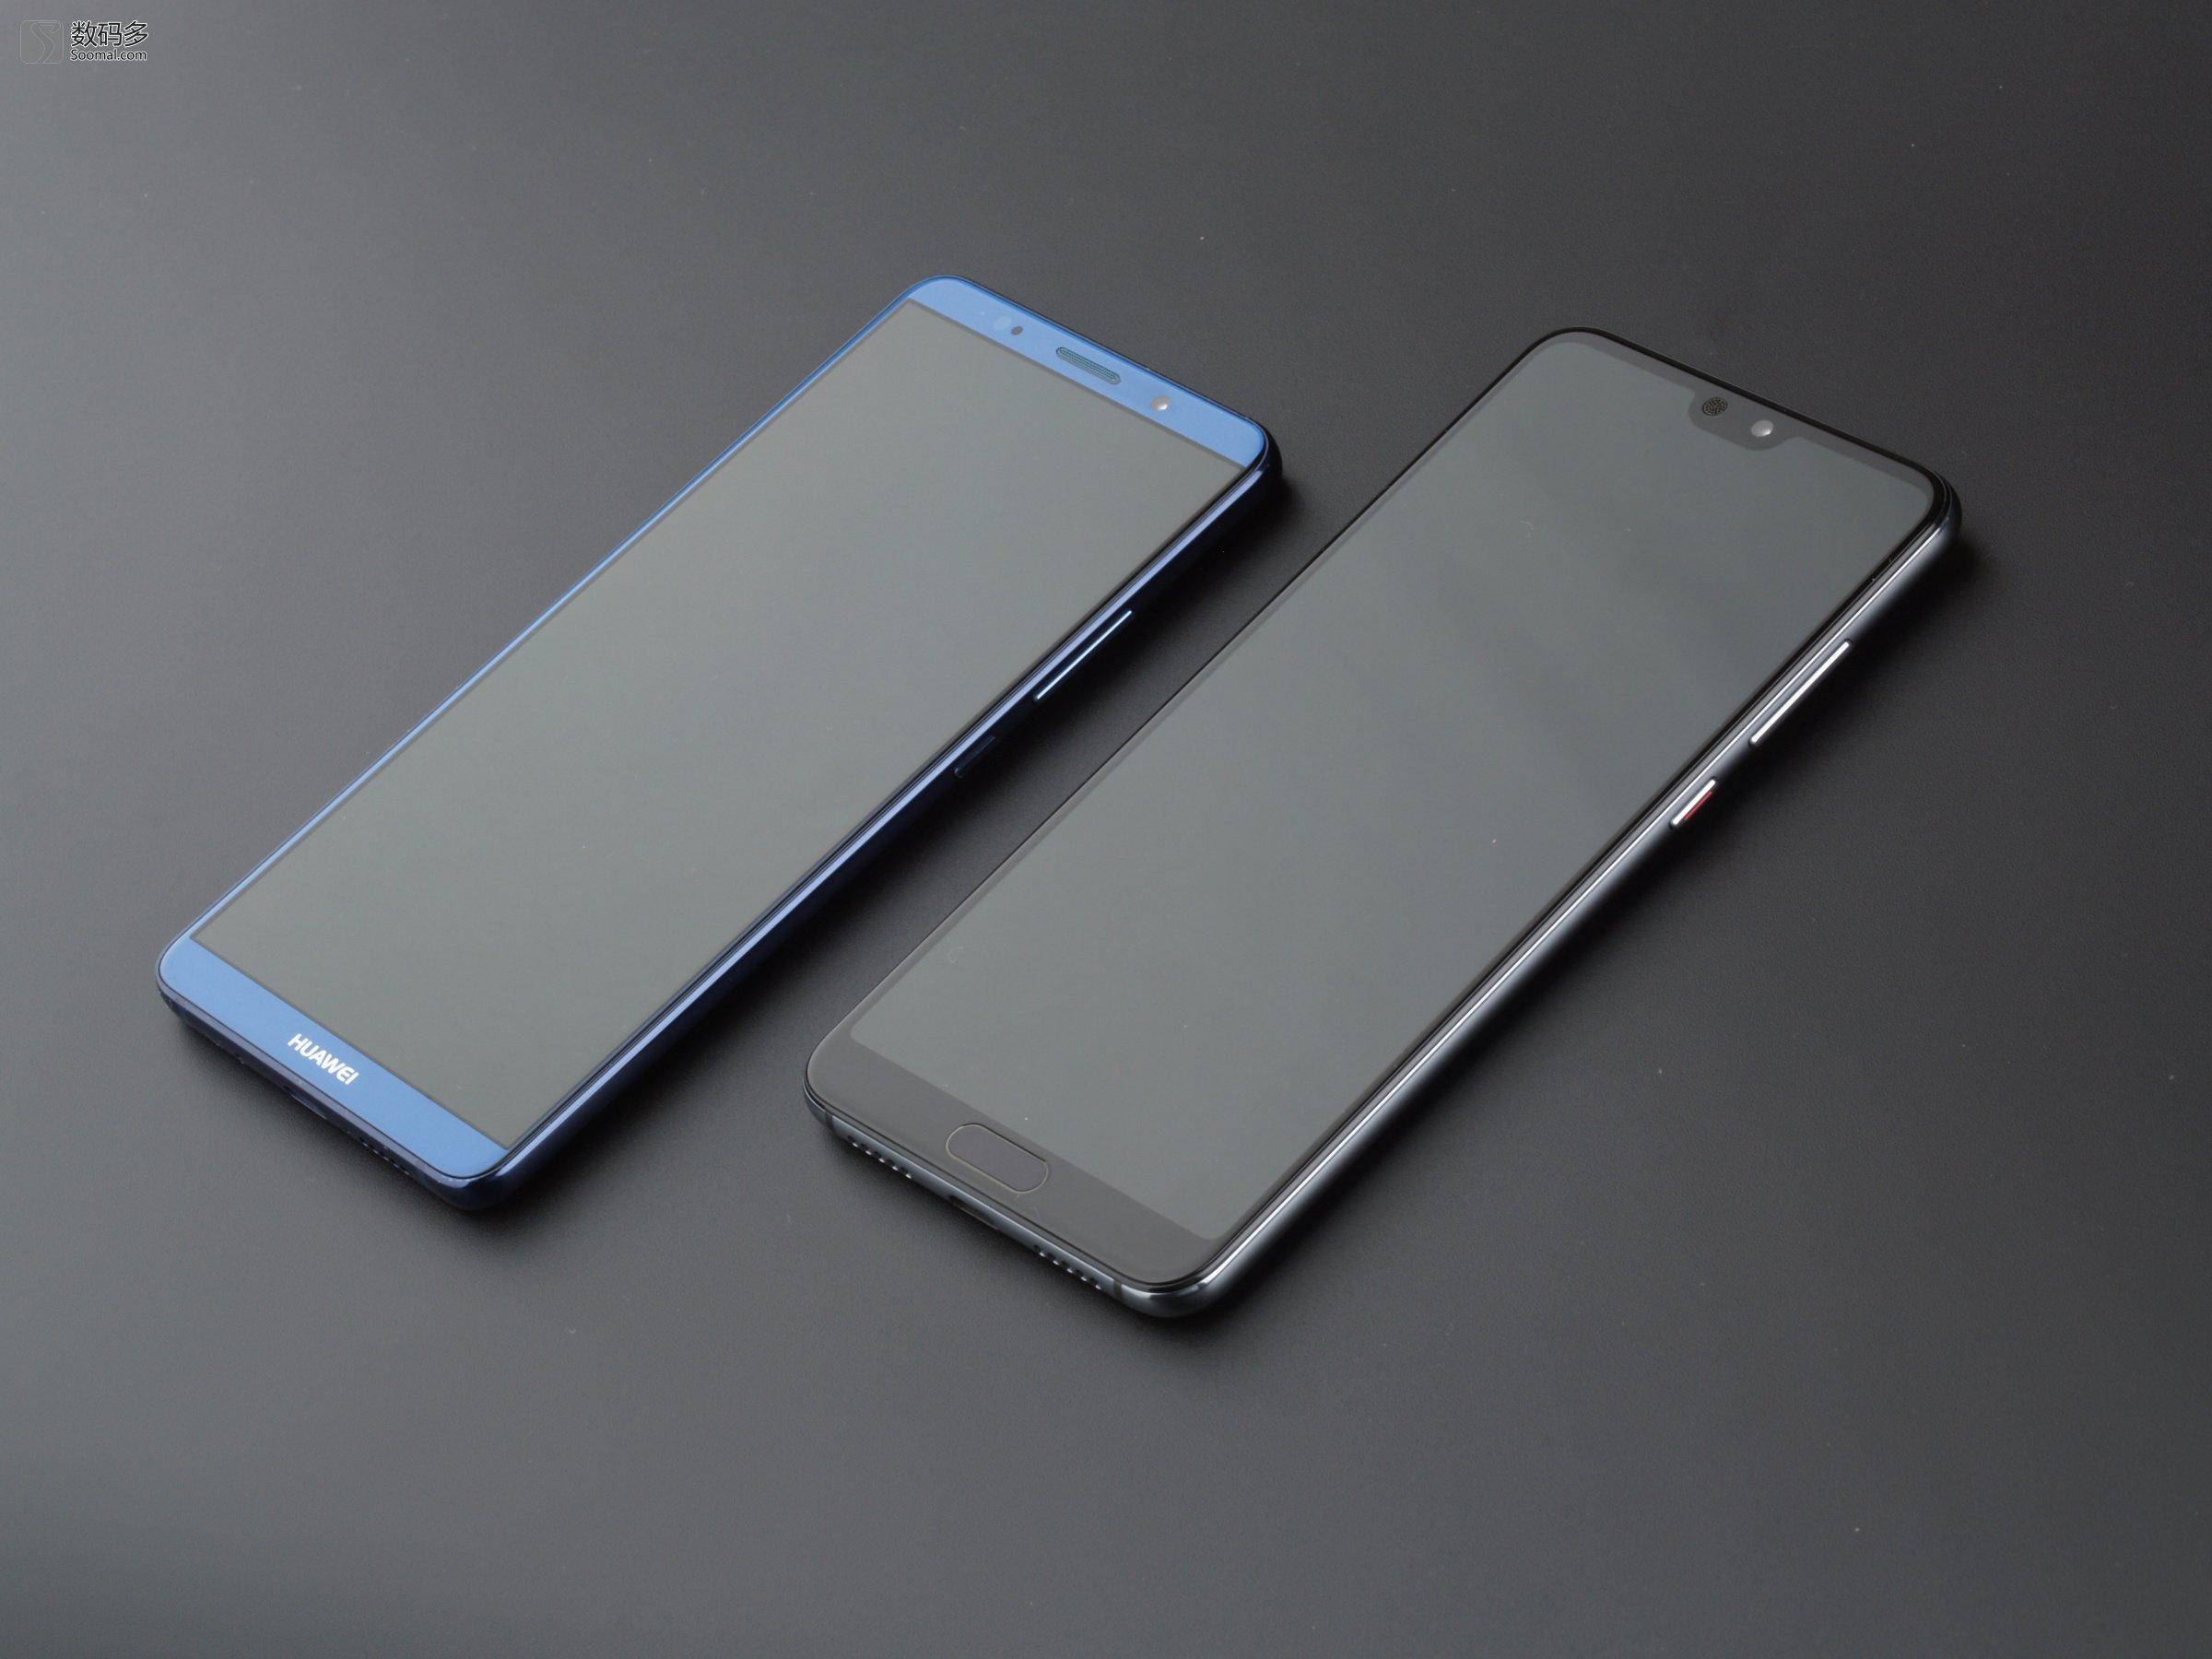 huawei 华为 p20 pro 智能手机   对比华为mate10 pro图片